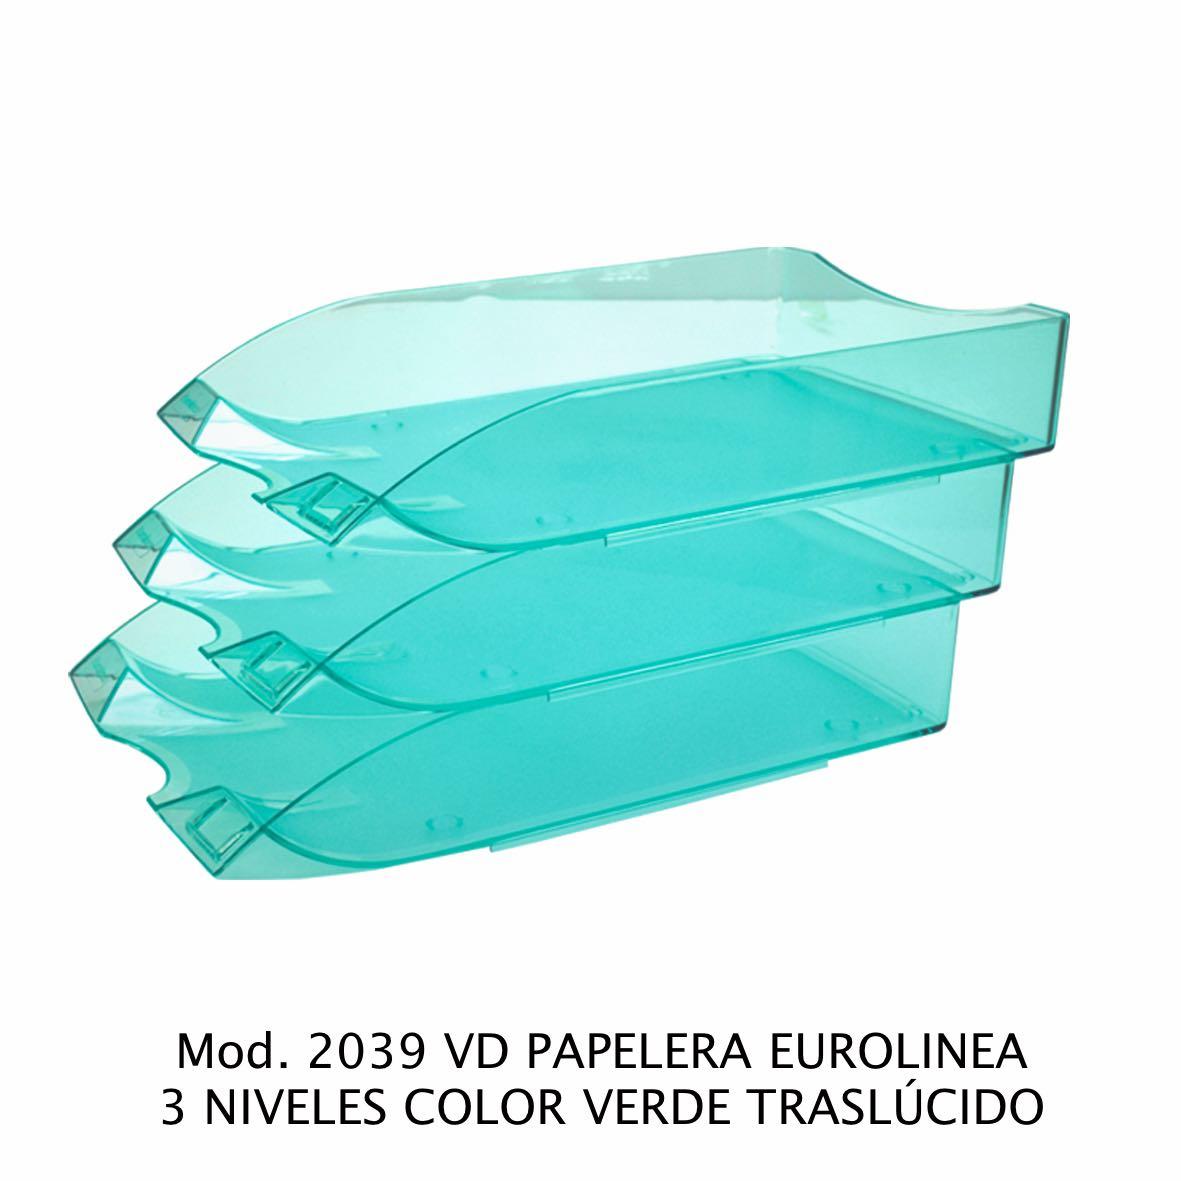 Charola de escritorio tamaño oficio de 3 niveles color verde traslúcido Eurolínea Modelo 2039 VD - Sablón